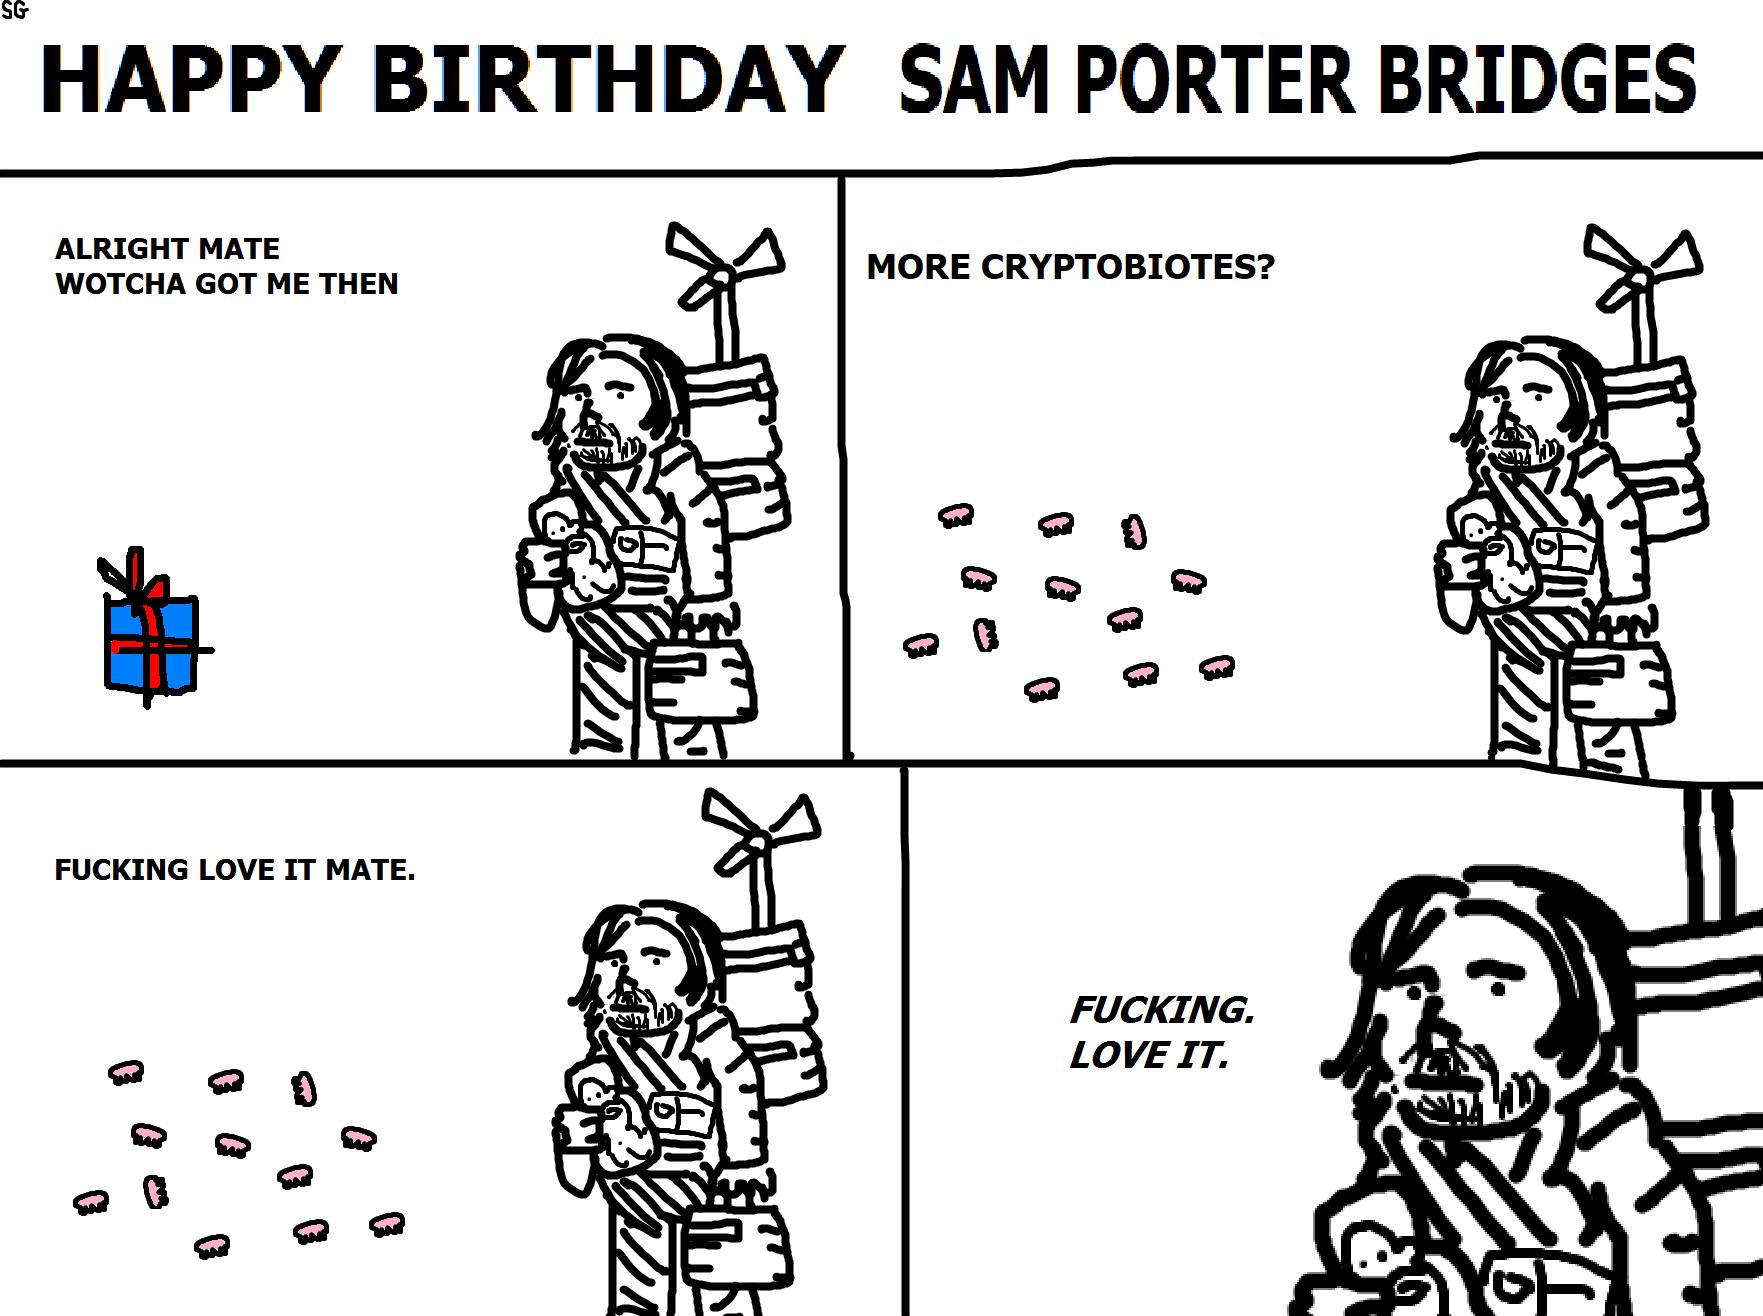 438. Happy Birthday Sam Porter Bridges